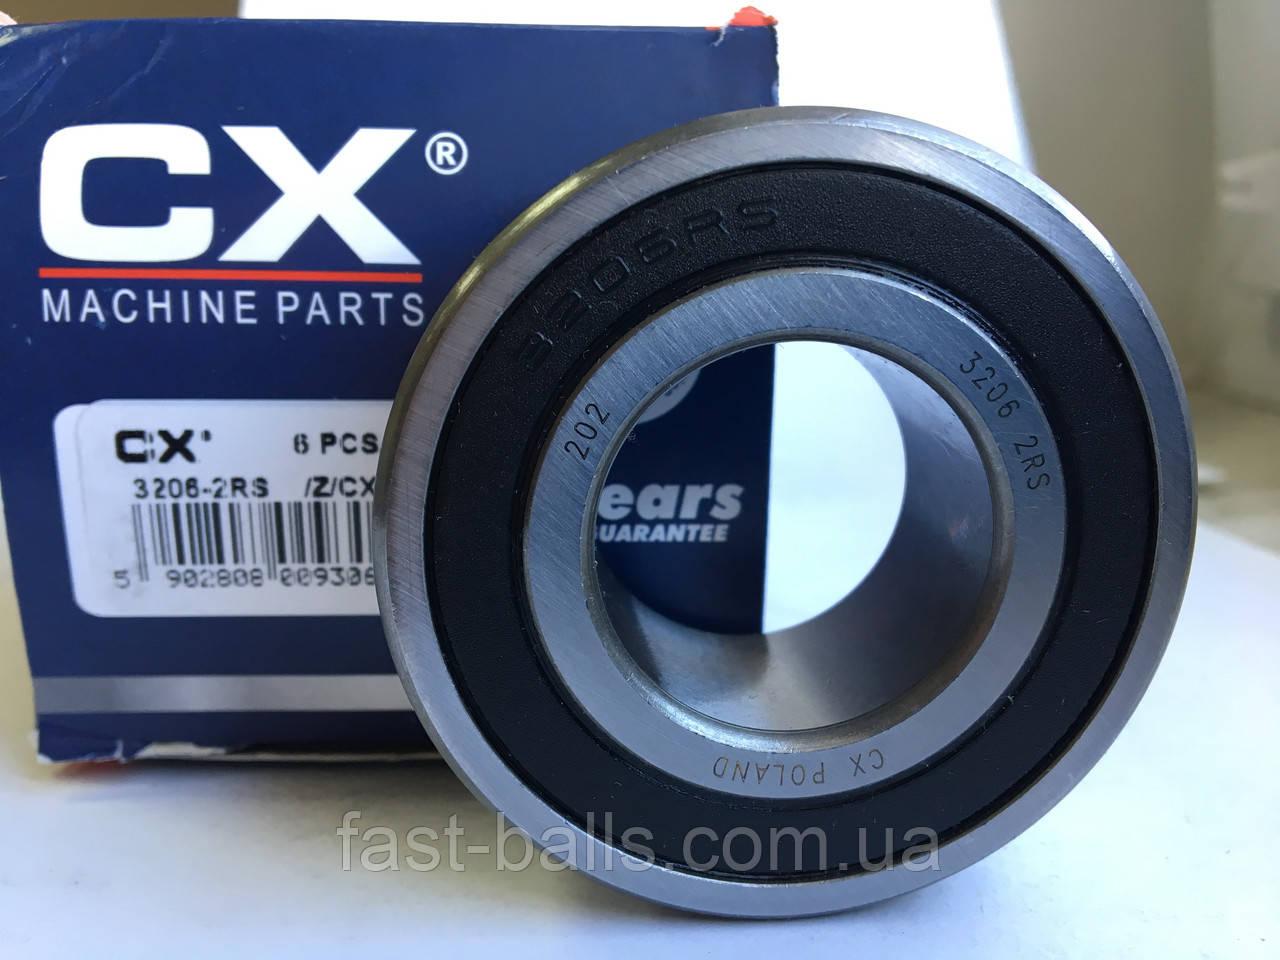 Подшипник CX 3206 2RS (30x62x23.8) двухрядный